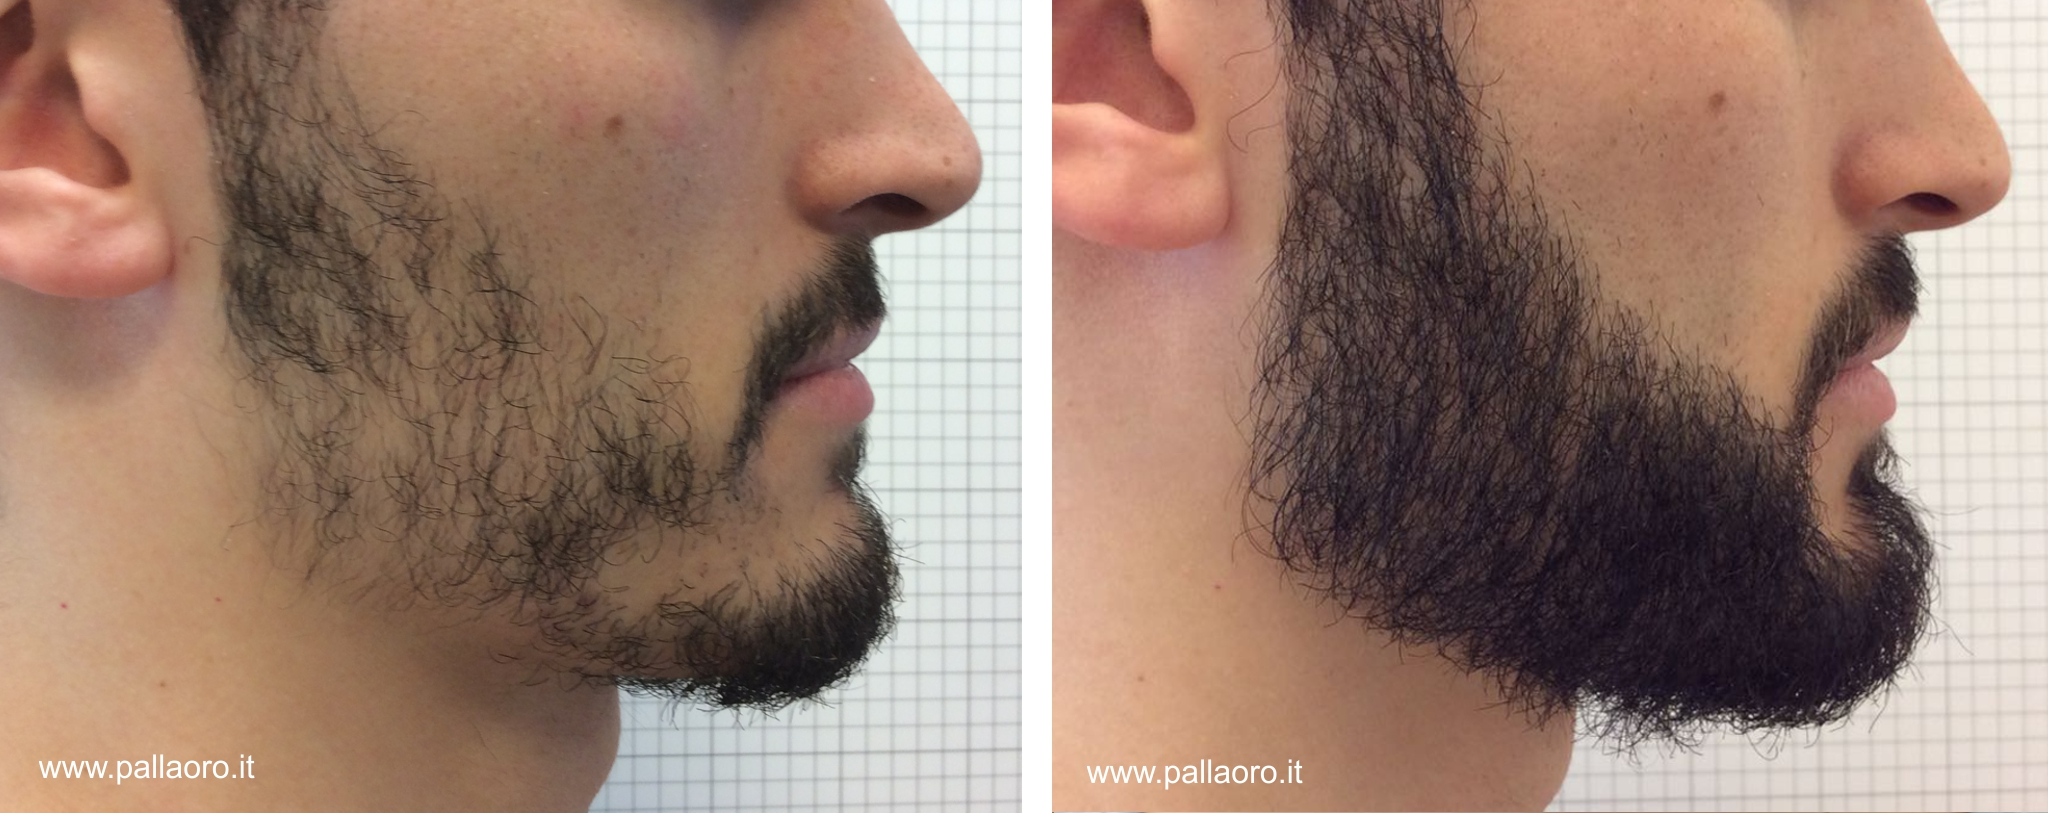 Trapianto capelli barba